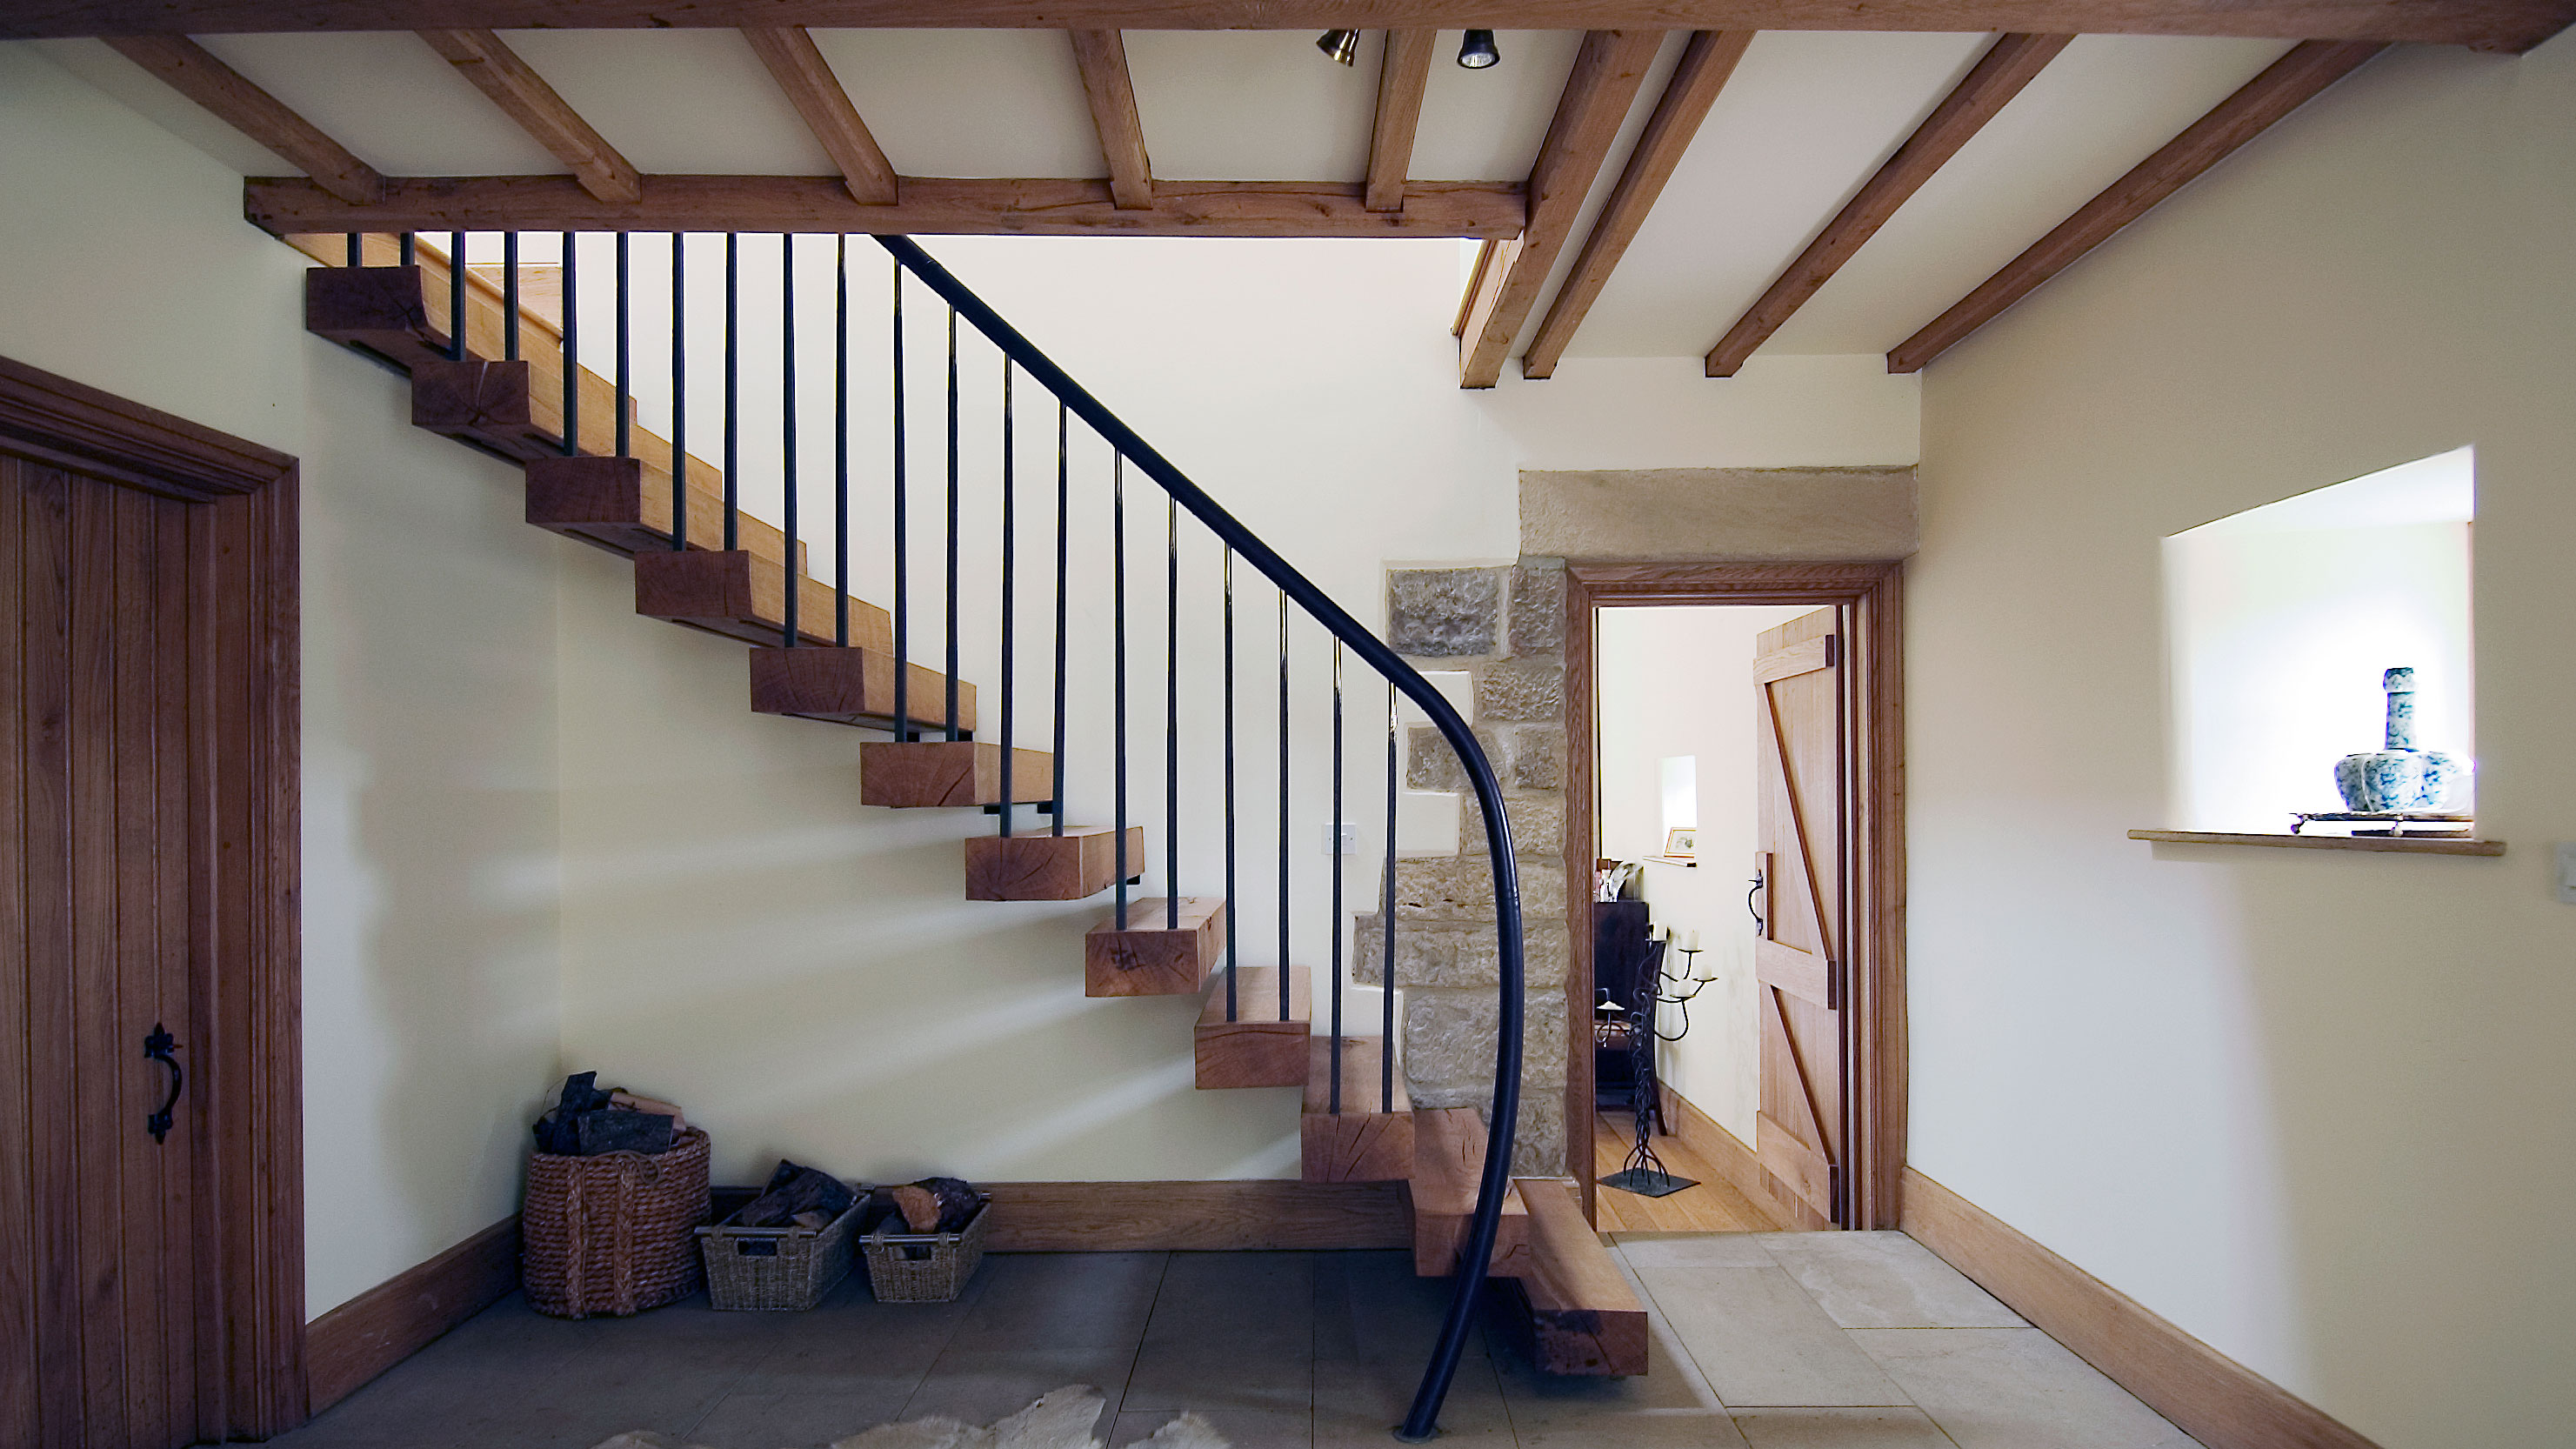 ac3e415a910 How to design a staircase